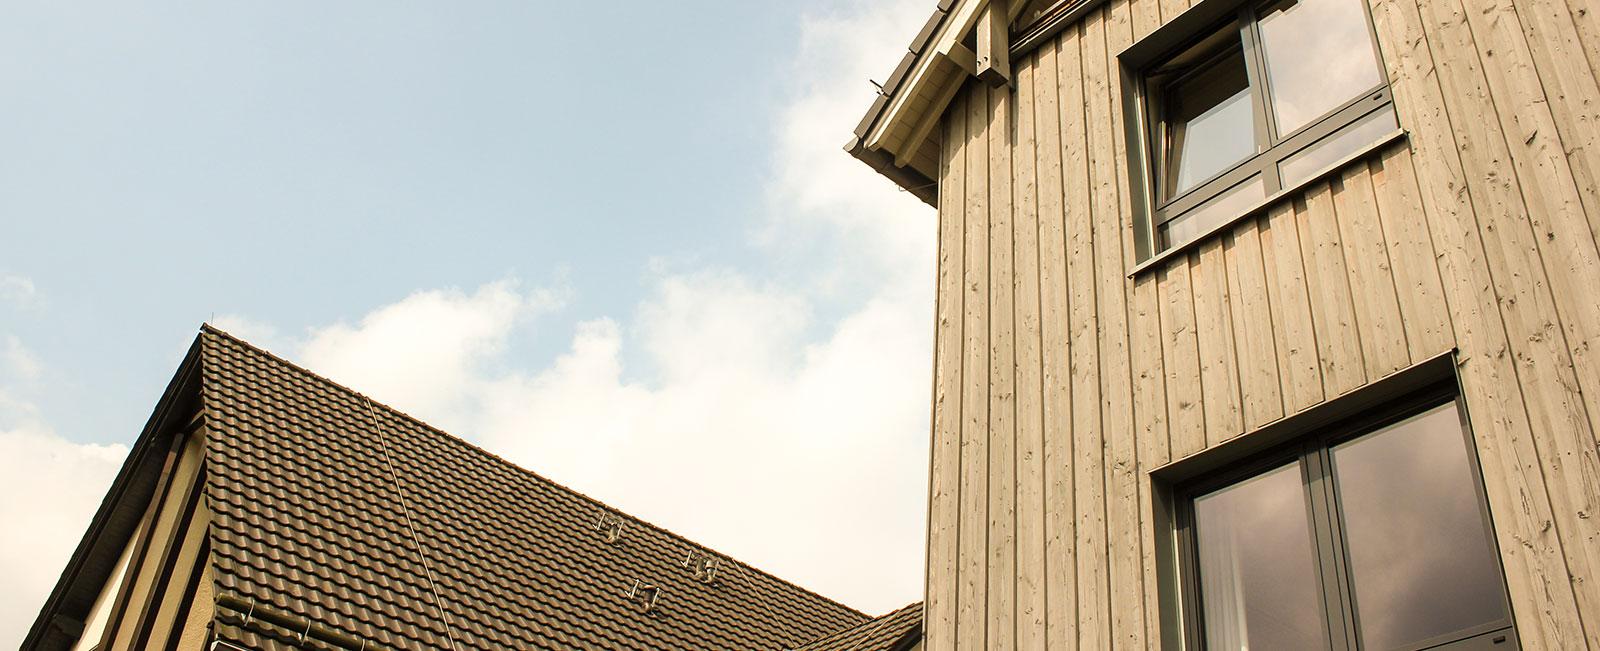 Haus-auf-der-Hardt-Pflege-Galerie-Header-Haus-Himmel-Fenster-Wolken-Dienstleister-Betreutes-Wohnen-Therapie-Zentrum-Leistungen-Ambulant-Stationär